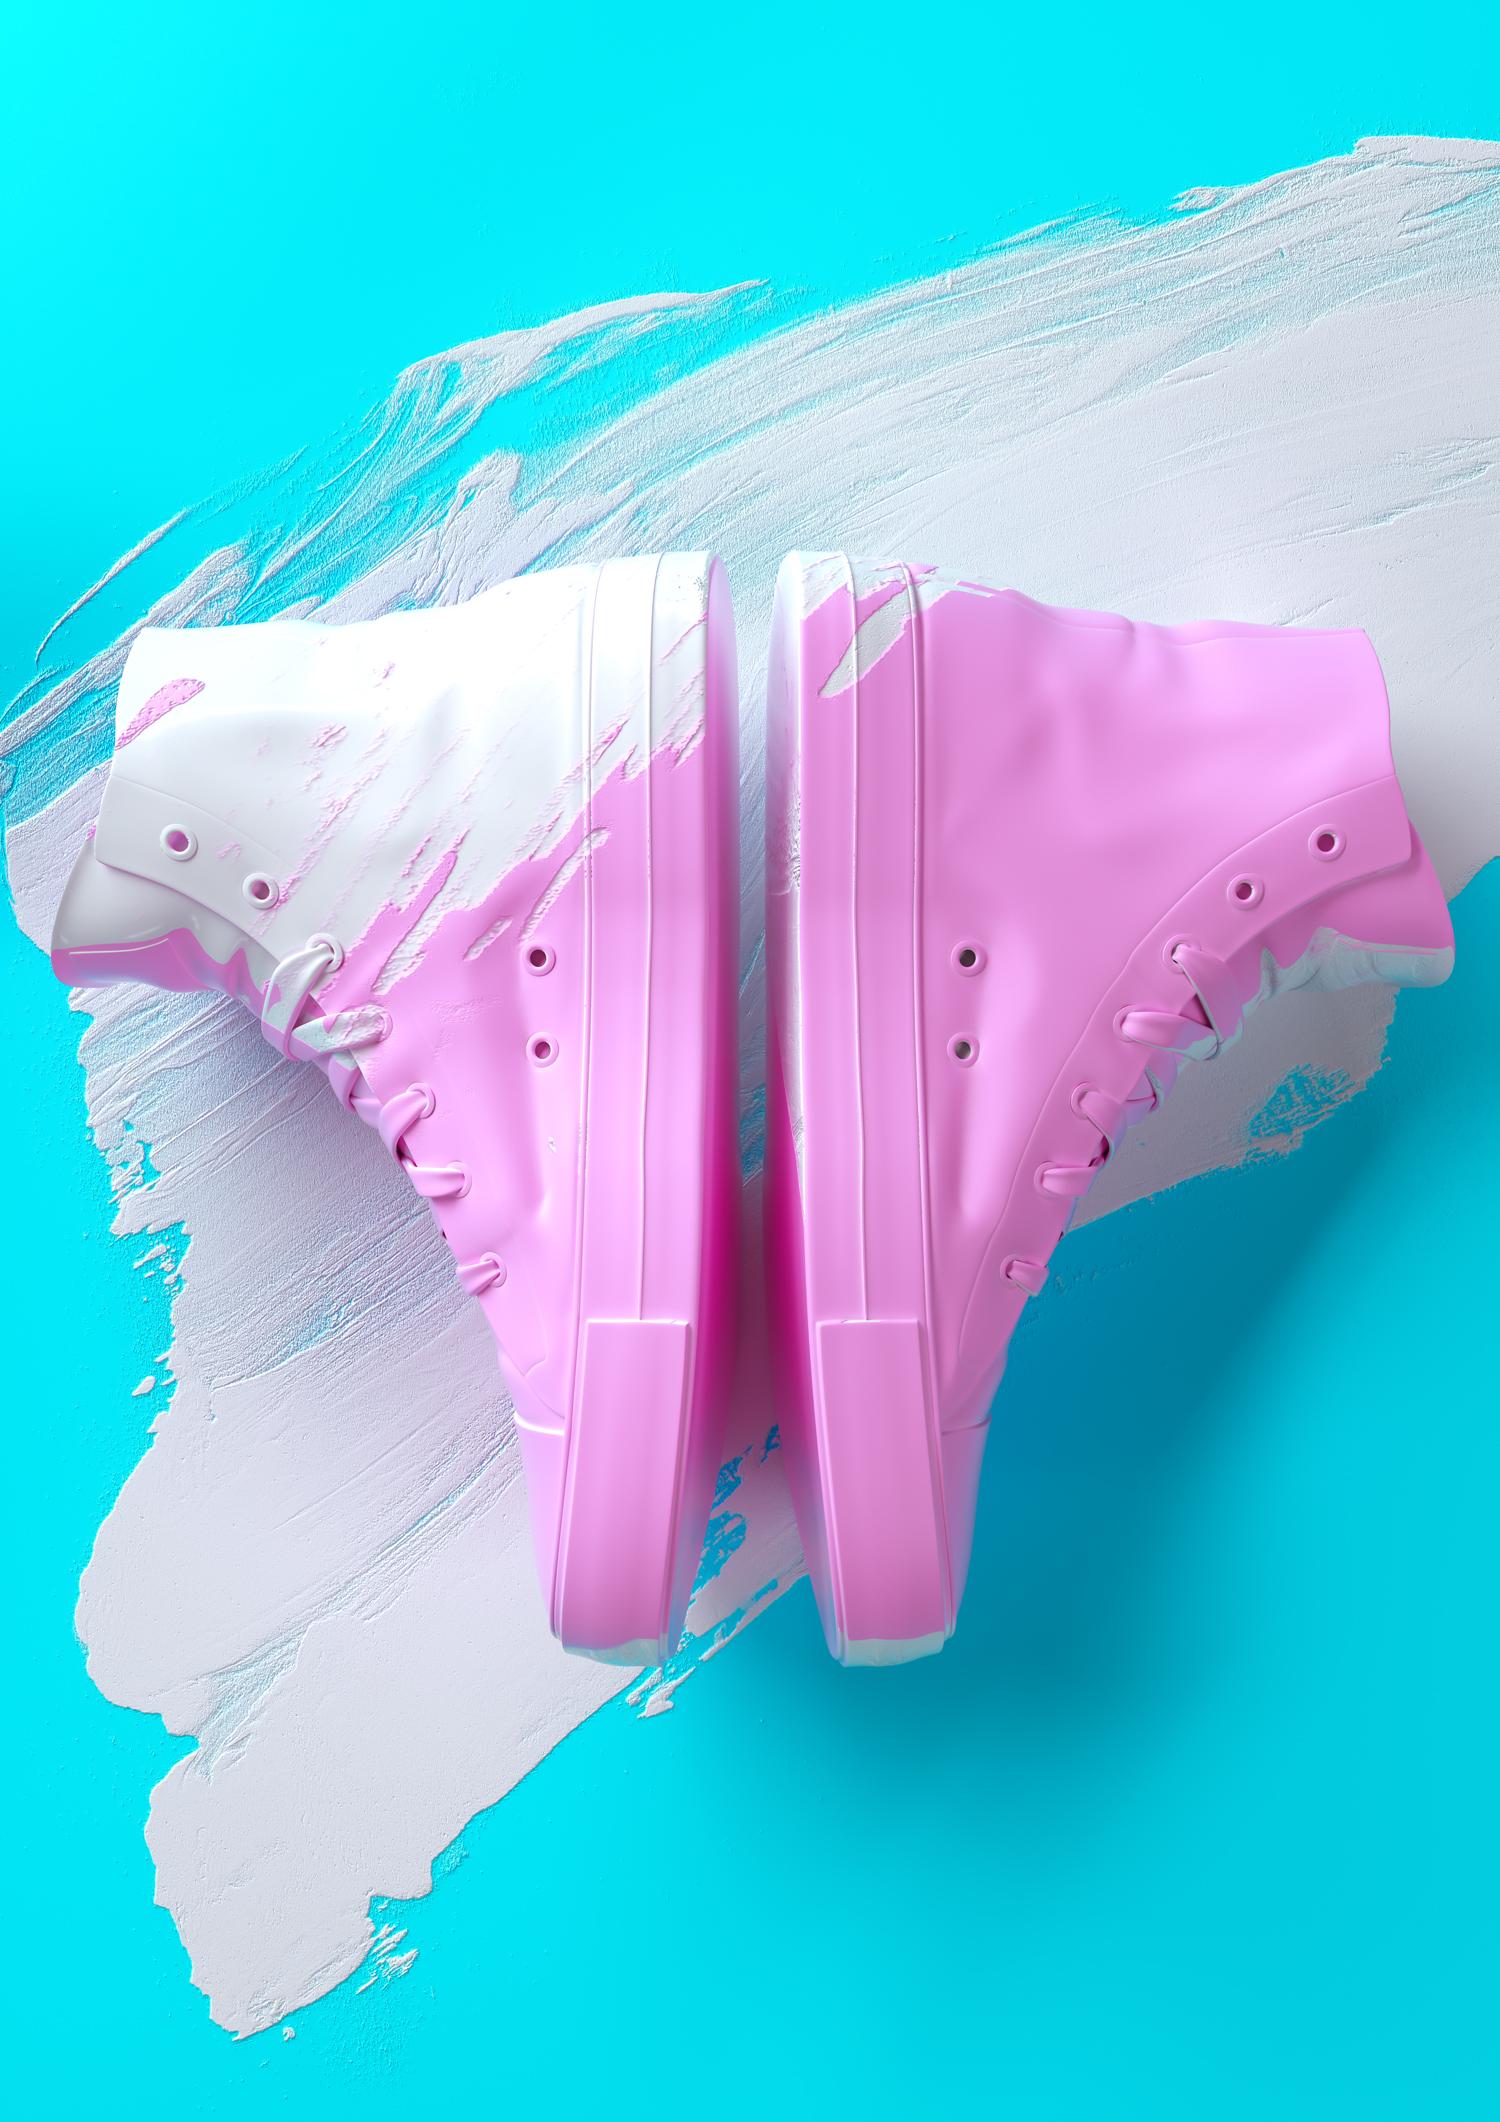 PaintedObject_ConverseShoe.jpg